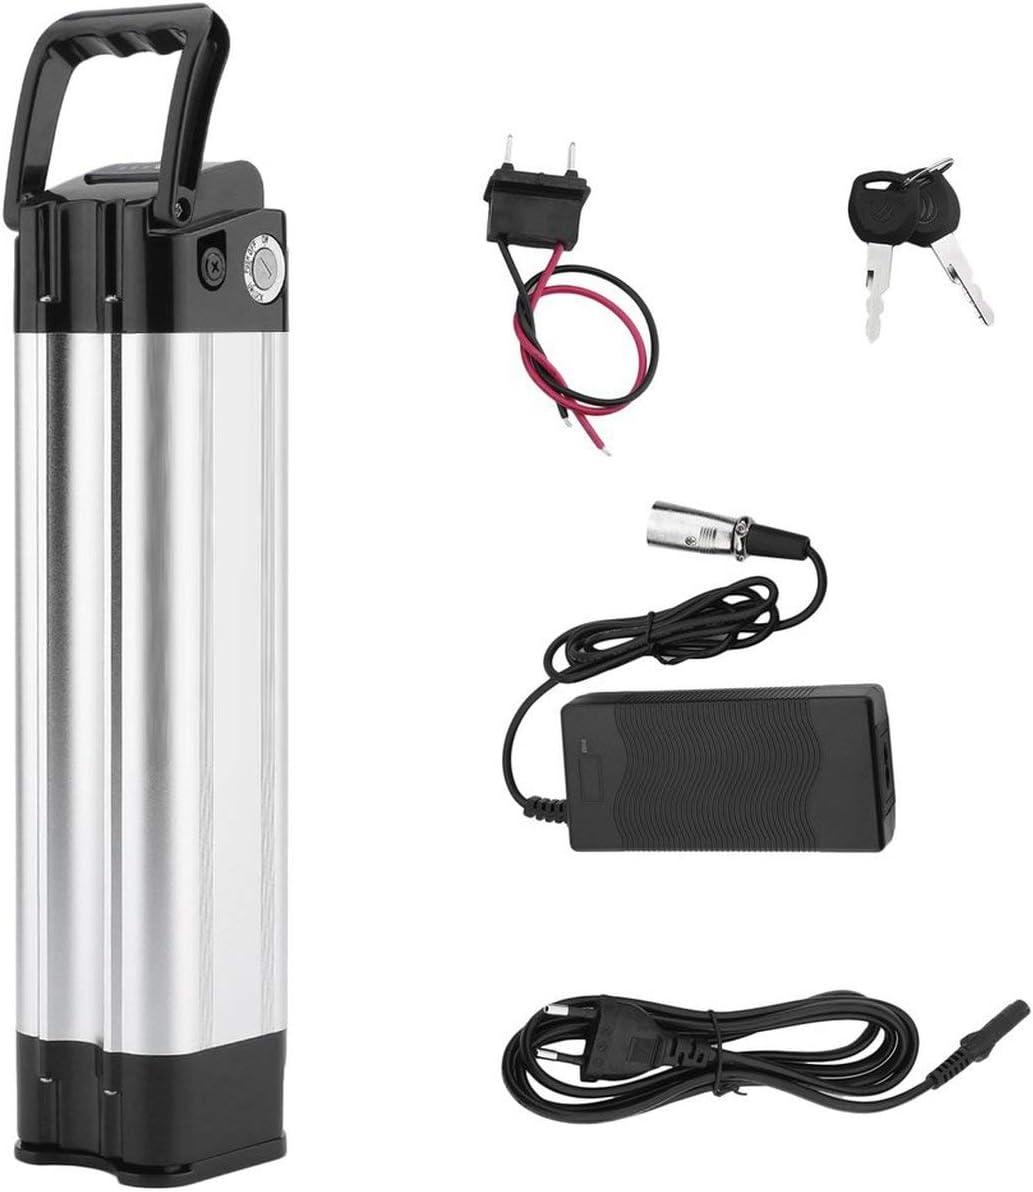 Pudincoco Batería de Bicicleta eléctrica de Alta Capacidad 24V 10.4Ah E-Bike Batería de Iones de Litio con Cargador Kit de conversión de Bicicleta eléctrica